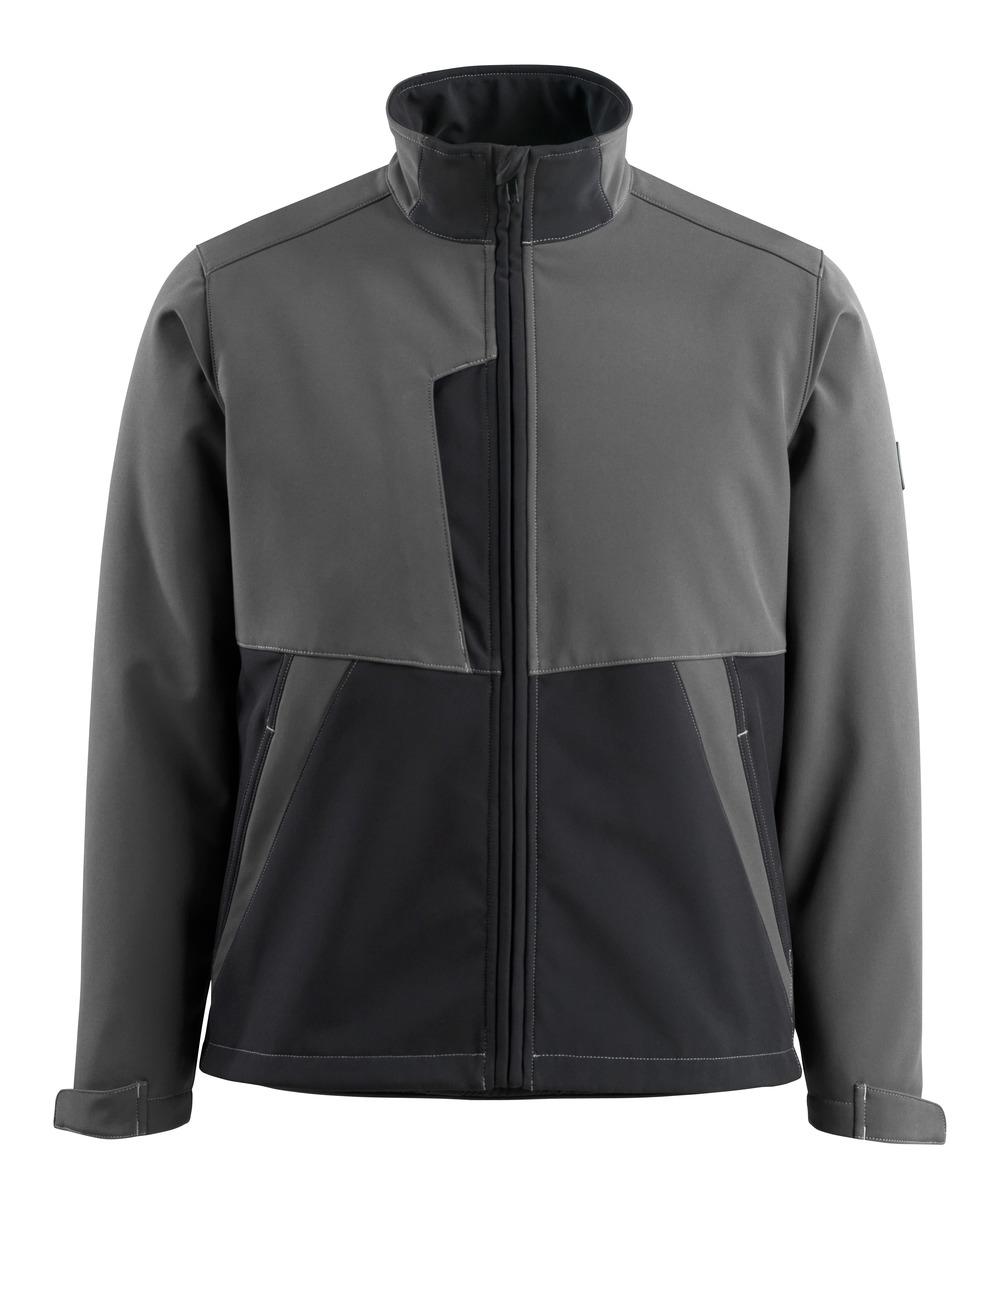 15702-253-1809 Softshell-takki - tumma antrasiitti/musta